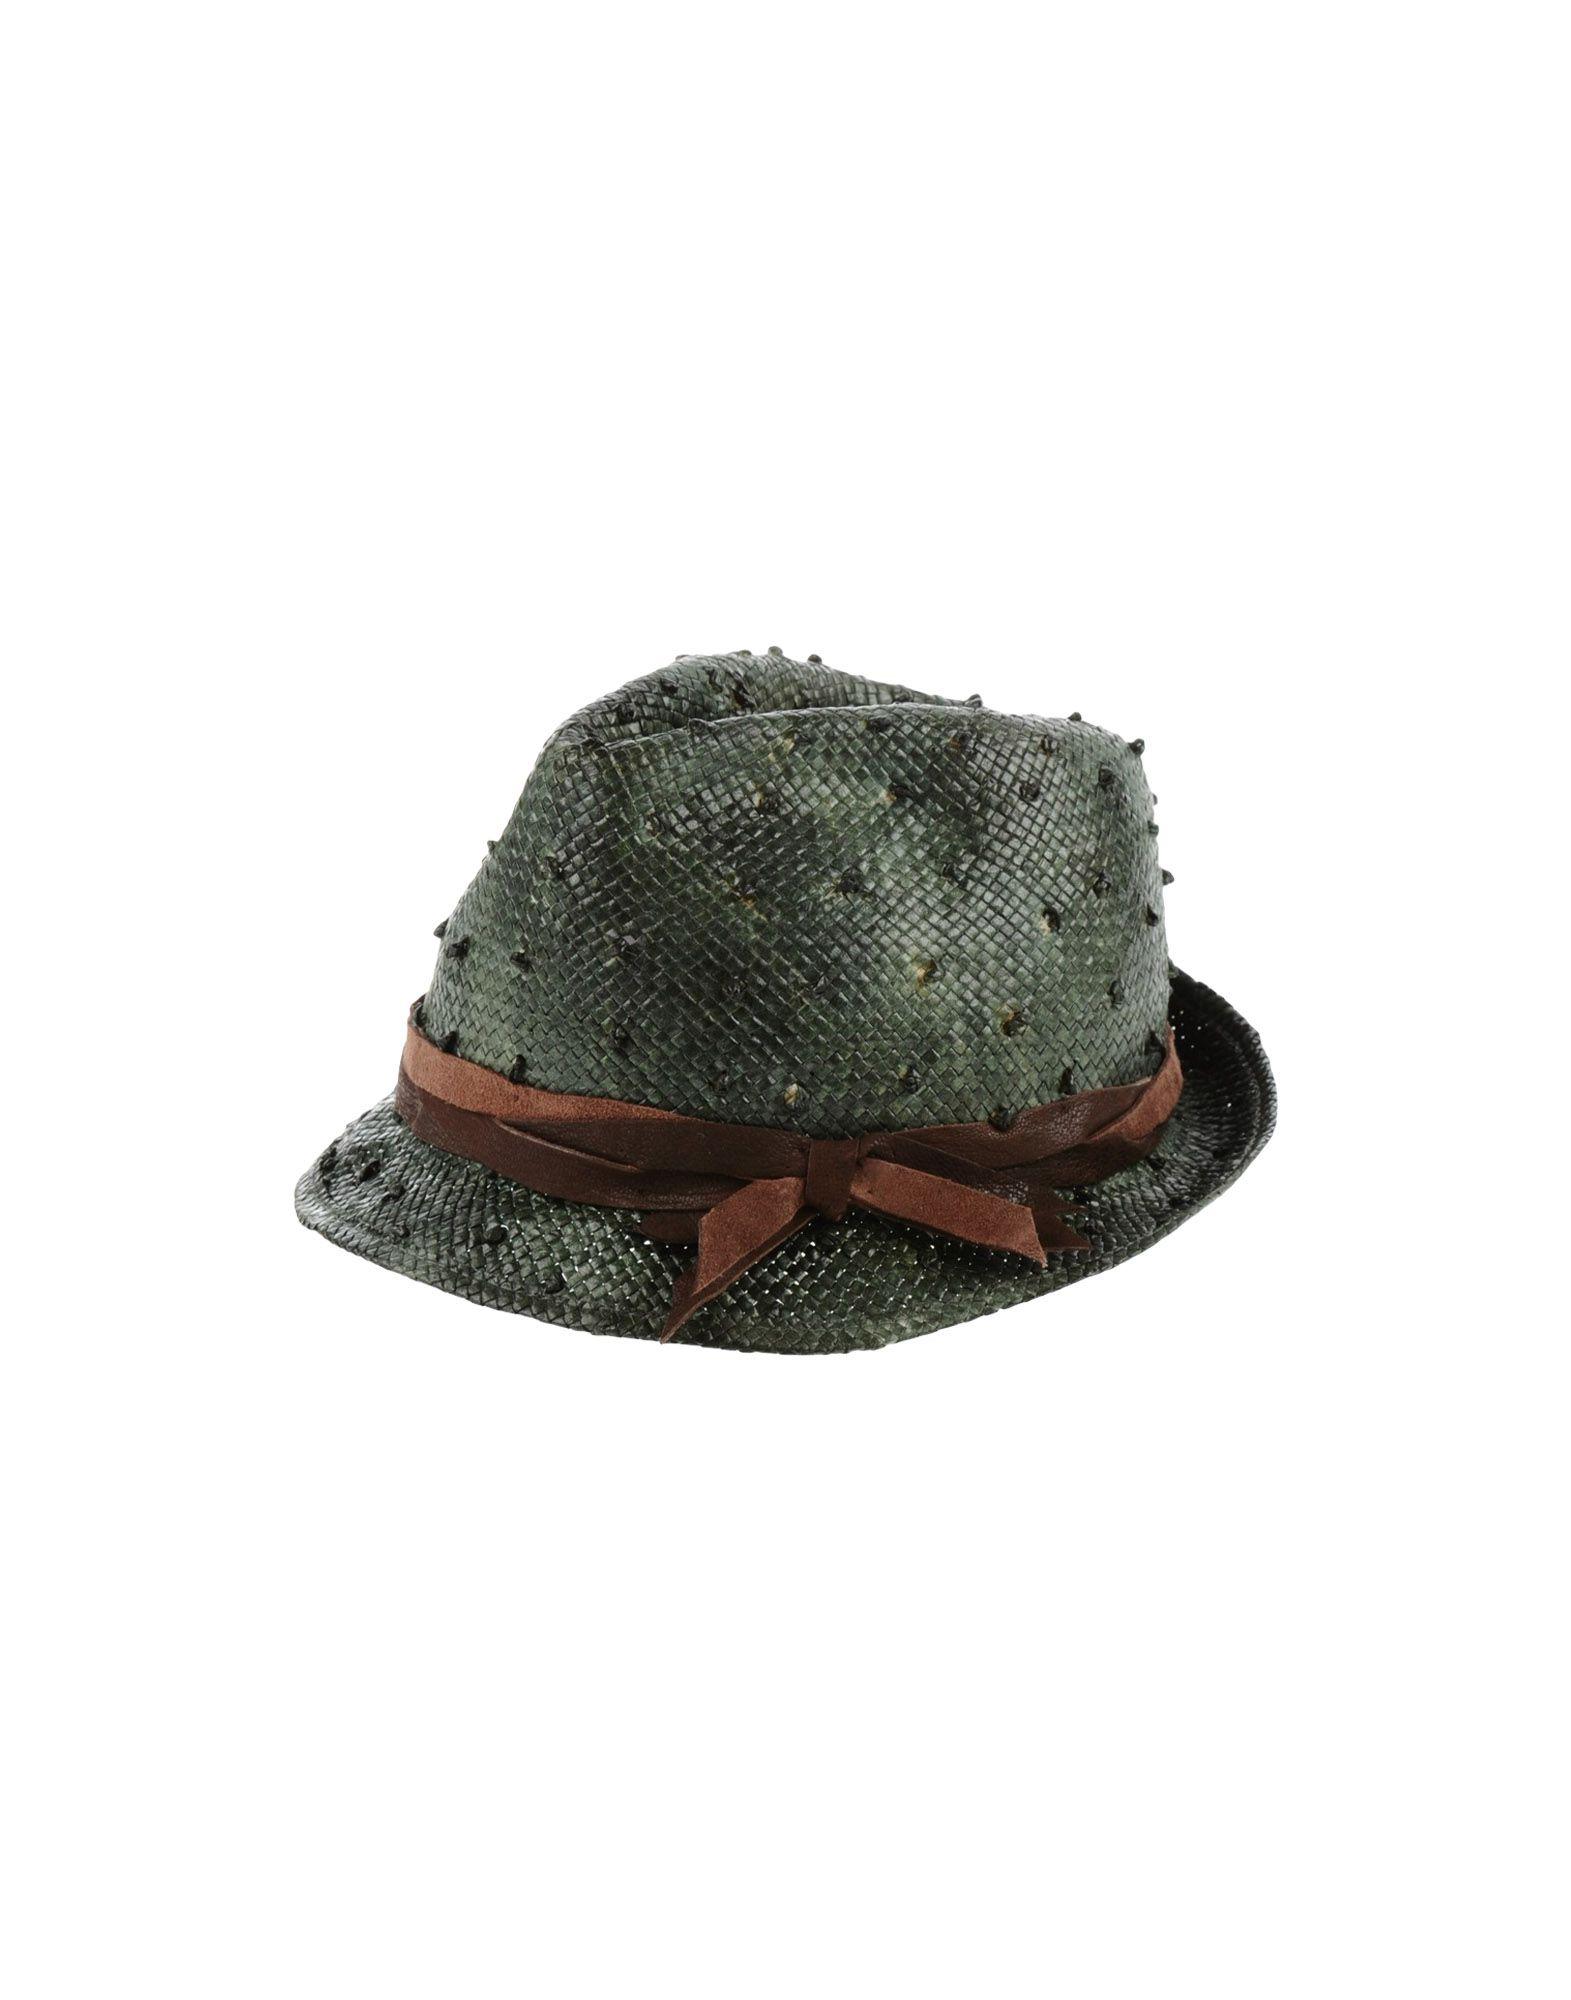 BRUNELLO CUCINELLI Damen Mützen & Hüte Farbe Grün Größe 6 jetztbilligerkaufen